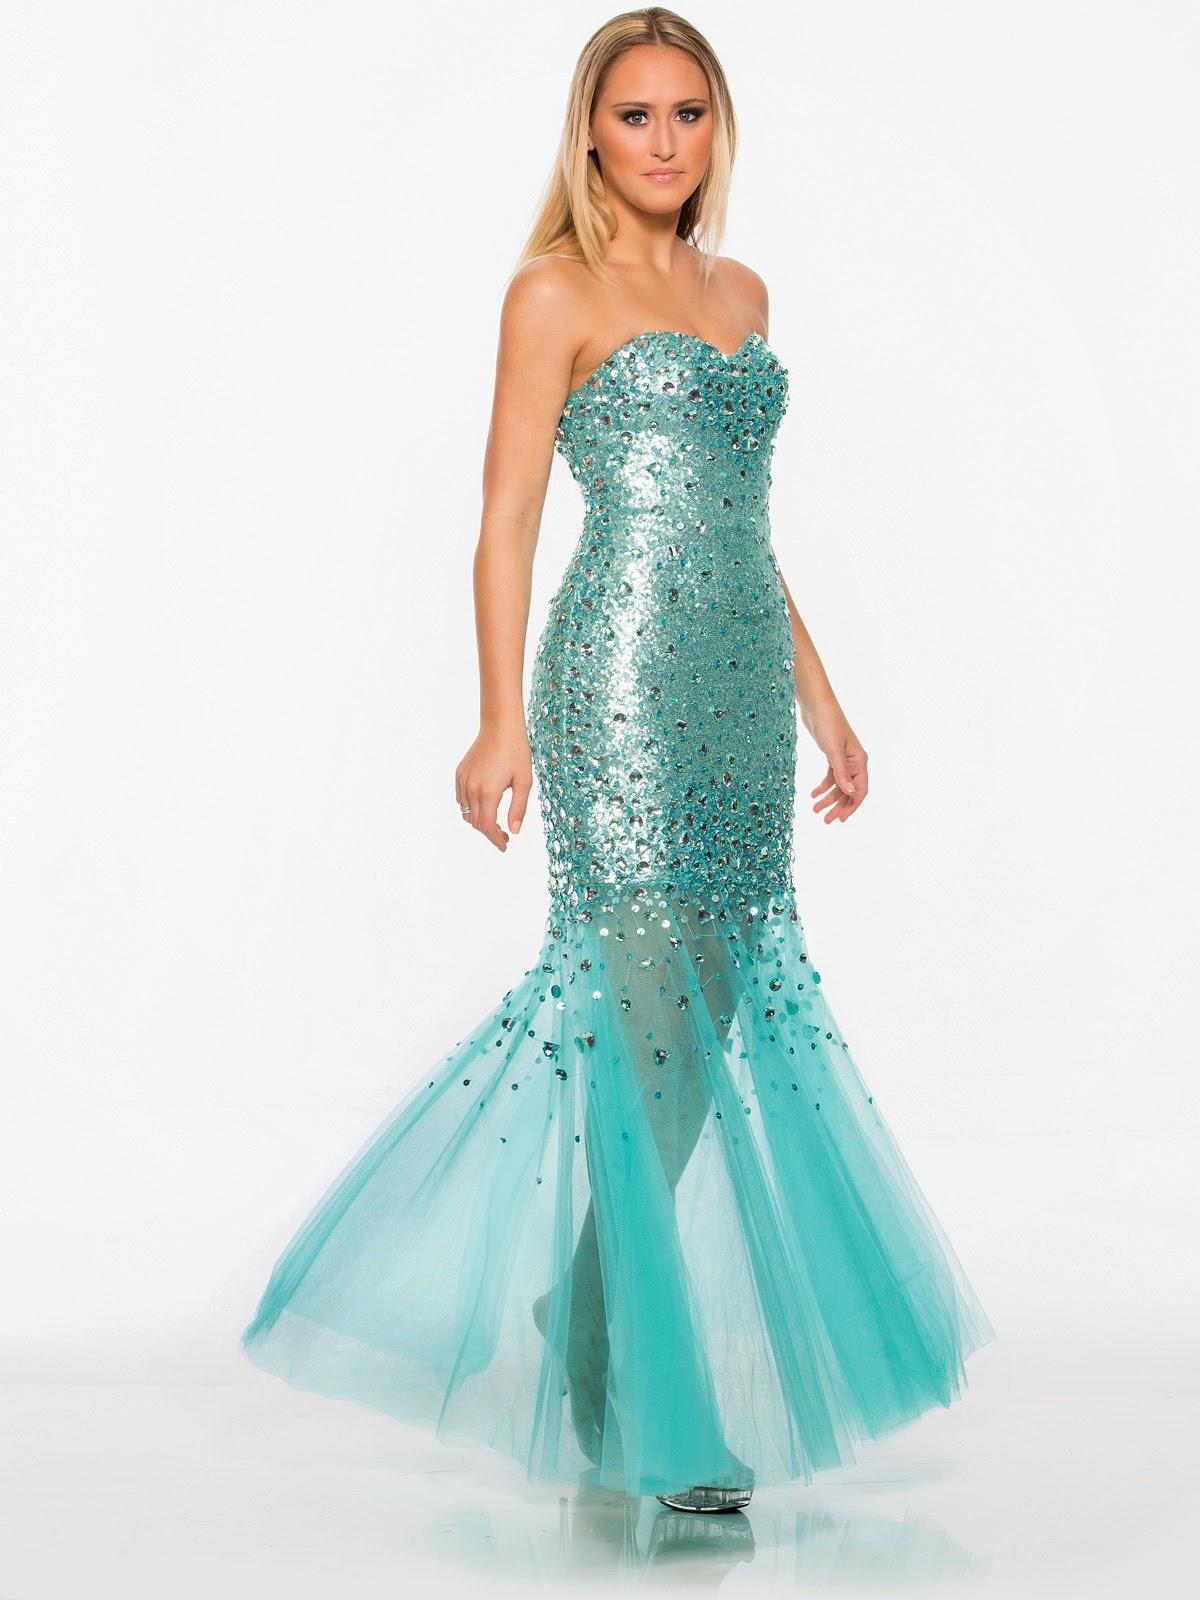 Especial vestidos de fiesta